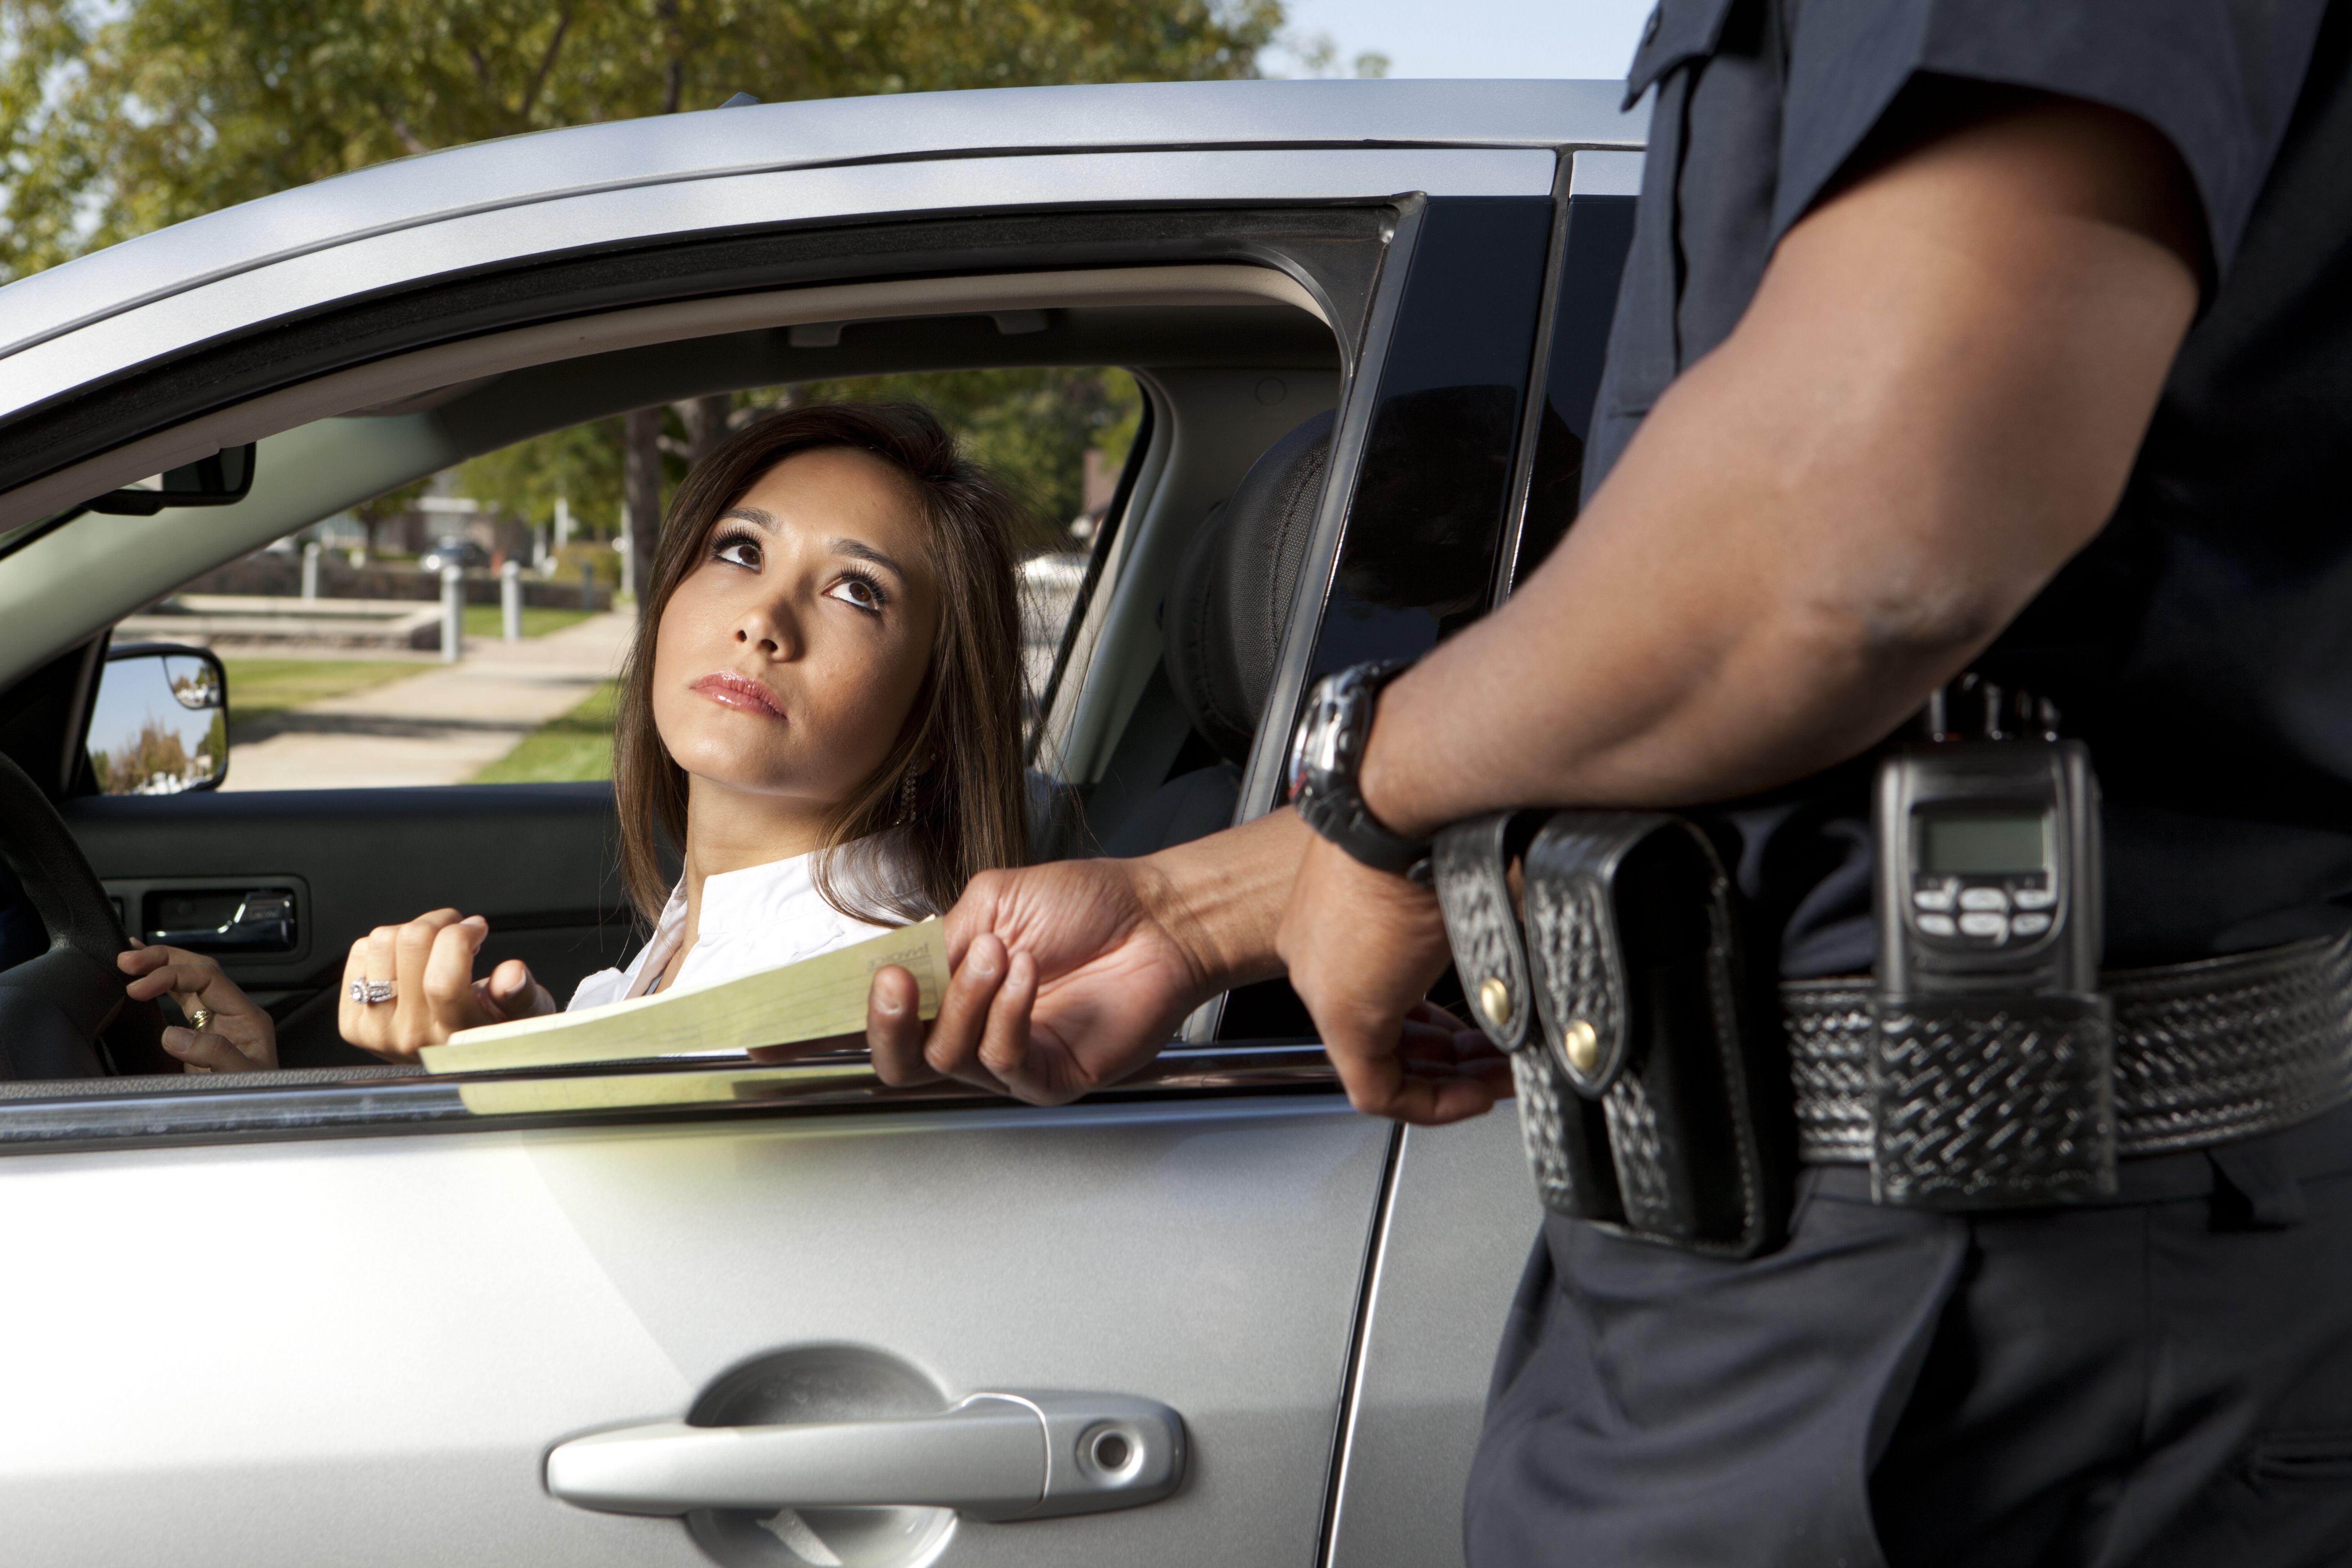 Reclamación accidentes de tráfico: Servicios de Carolina Álvarez Moro